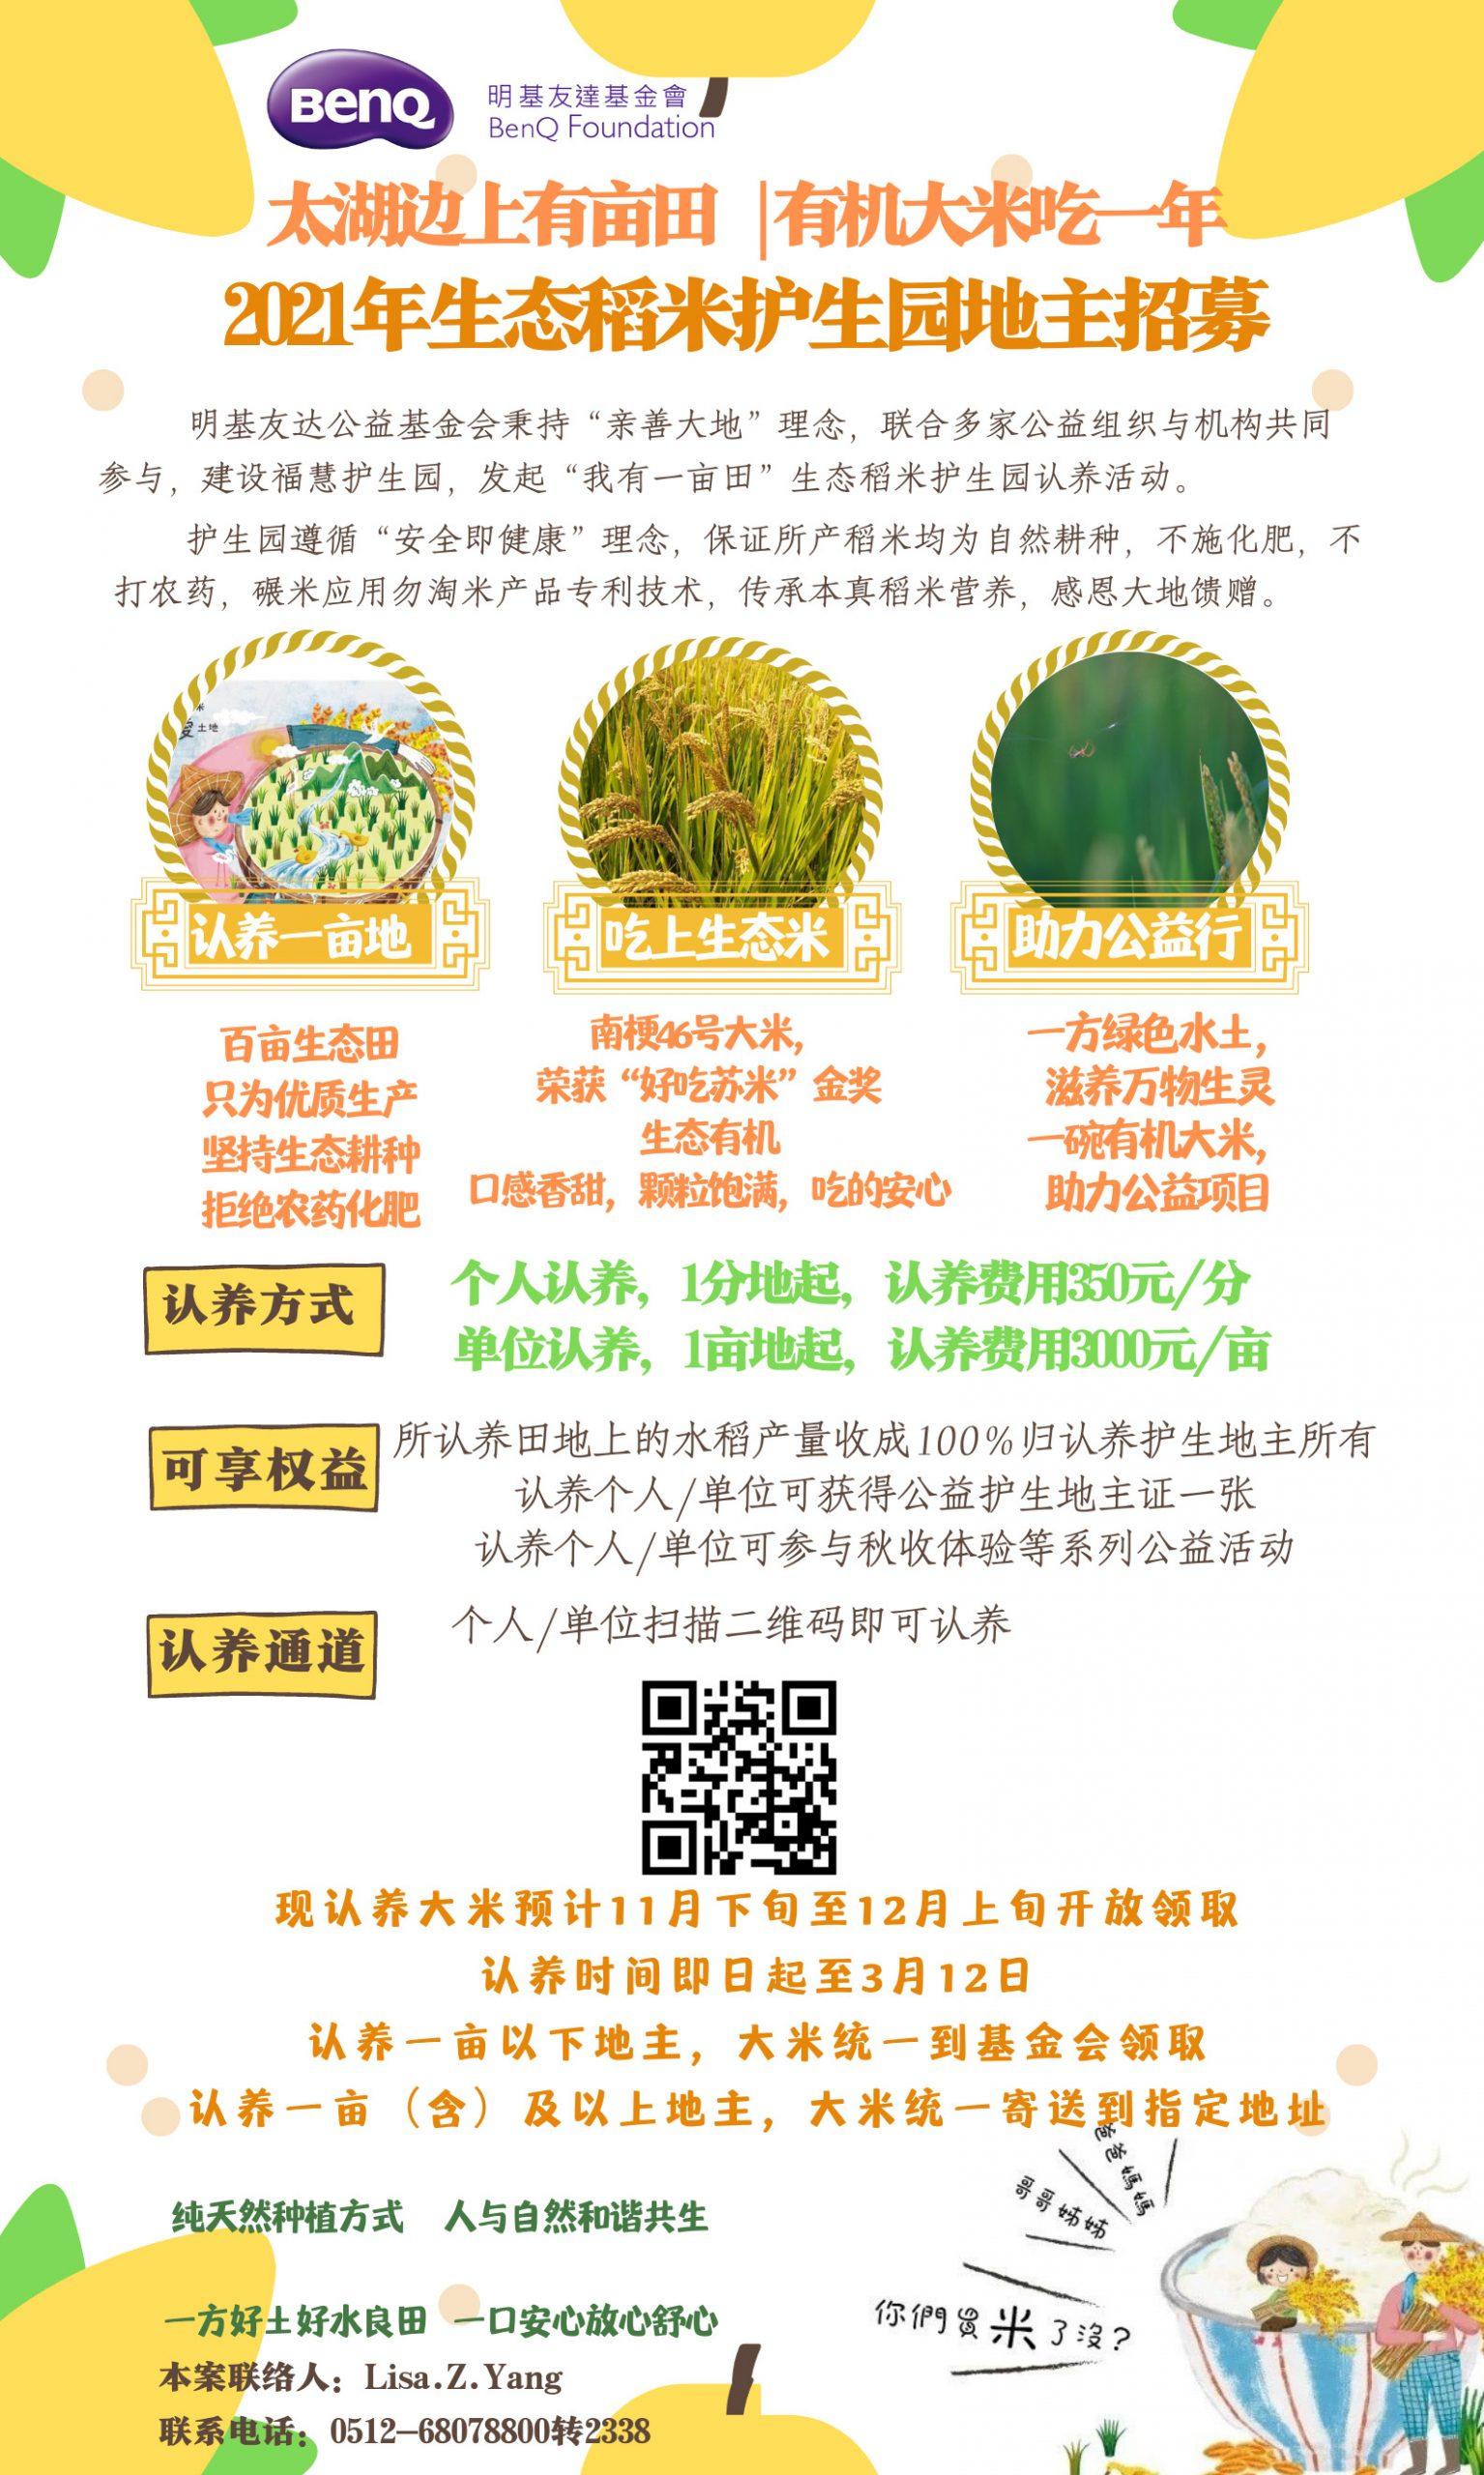 我在苏州有亩田   有机大米吃一年   2021年生态稻米护生园地主招募